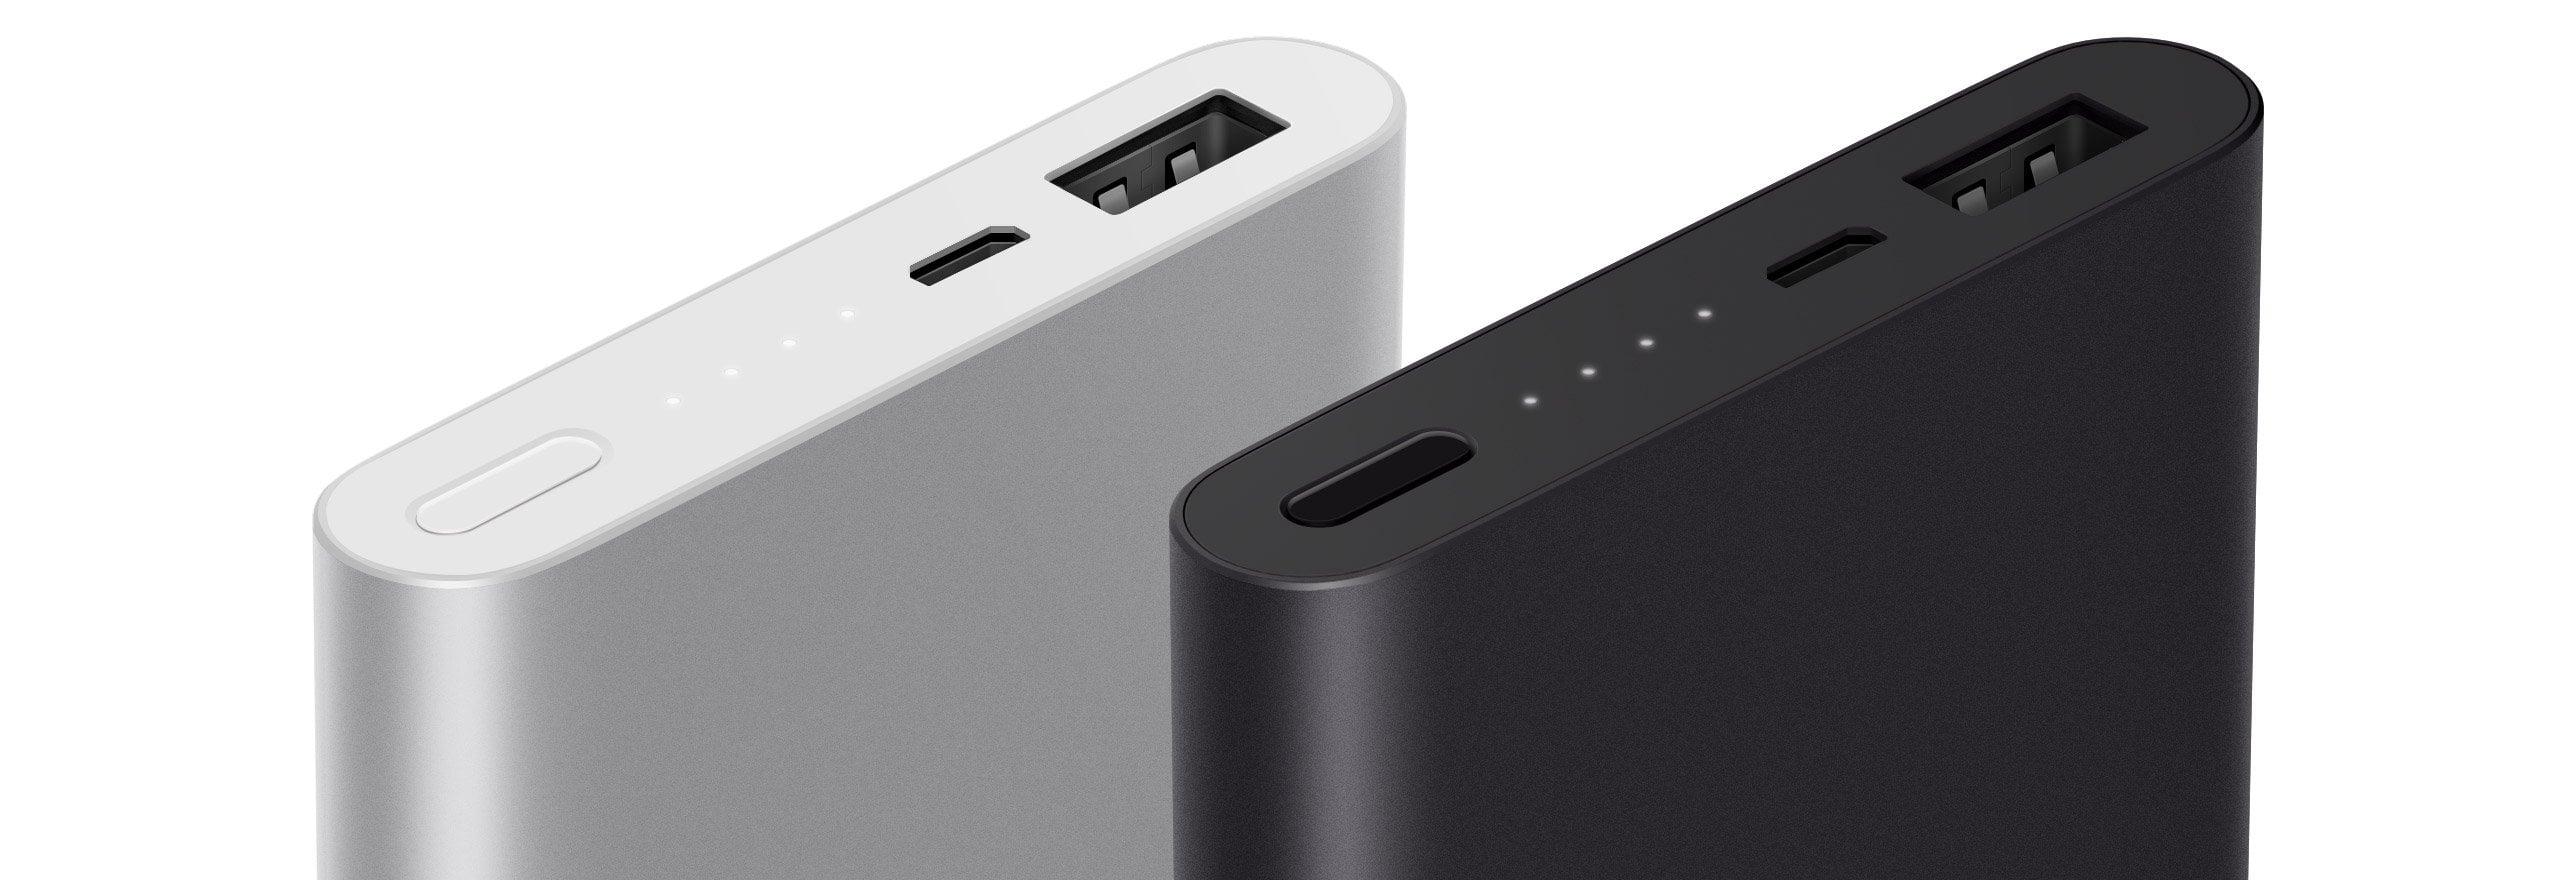 Tabletowo.pl Power bank Xiaomi 10000 mAh drugiej generacji ponownie w promocji! Tym razem za 55 złotych Akcesoria Promocje Xiaomi